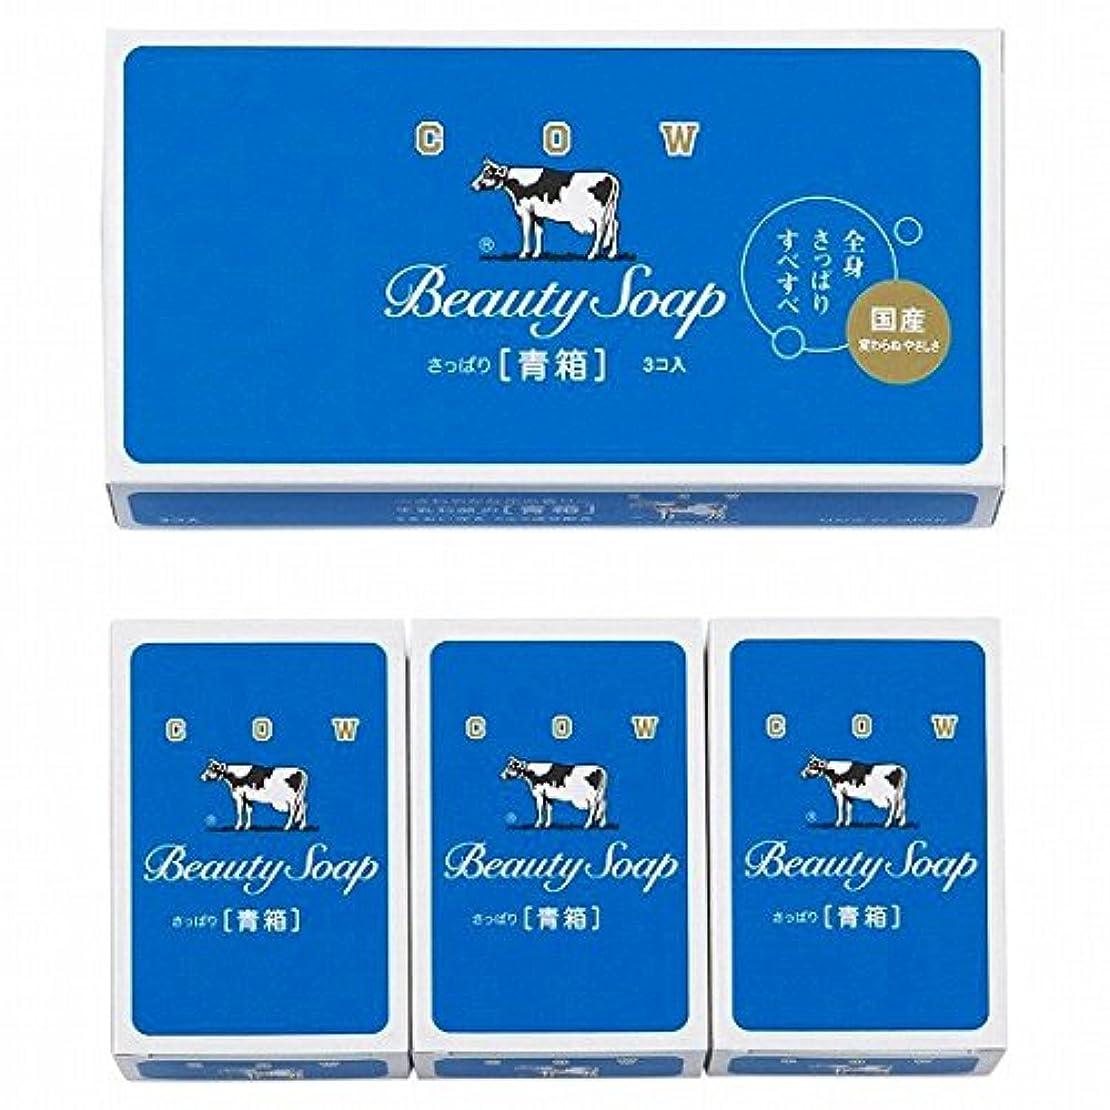 アラバマパラシュート上nobrand 牛乳石鹸 カウブランド青箱3入(B17-033)